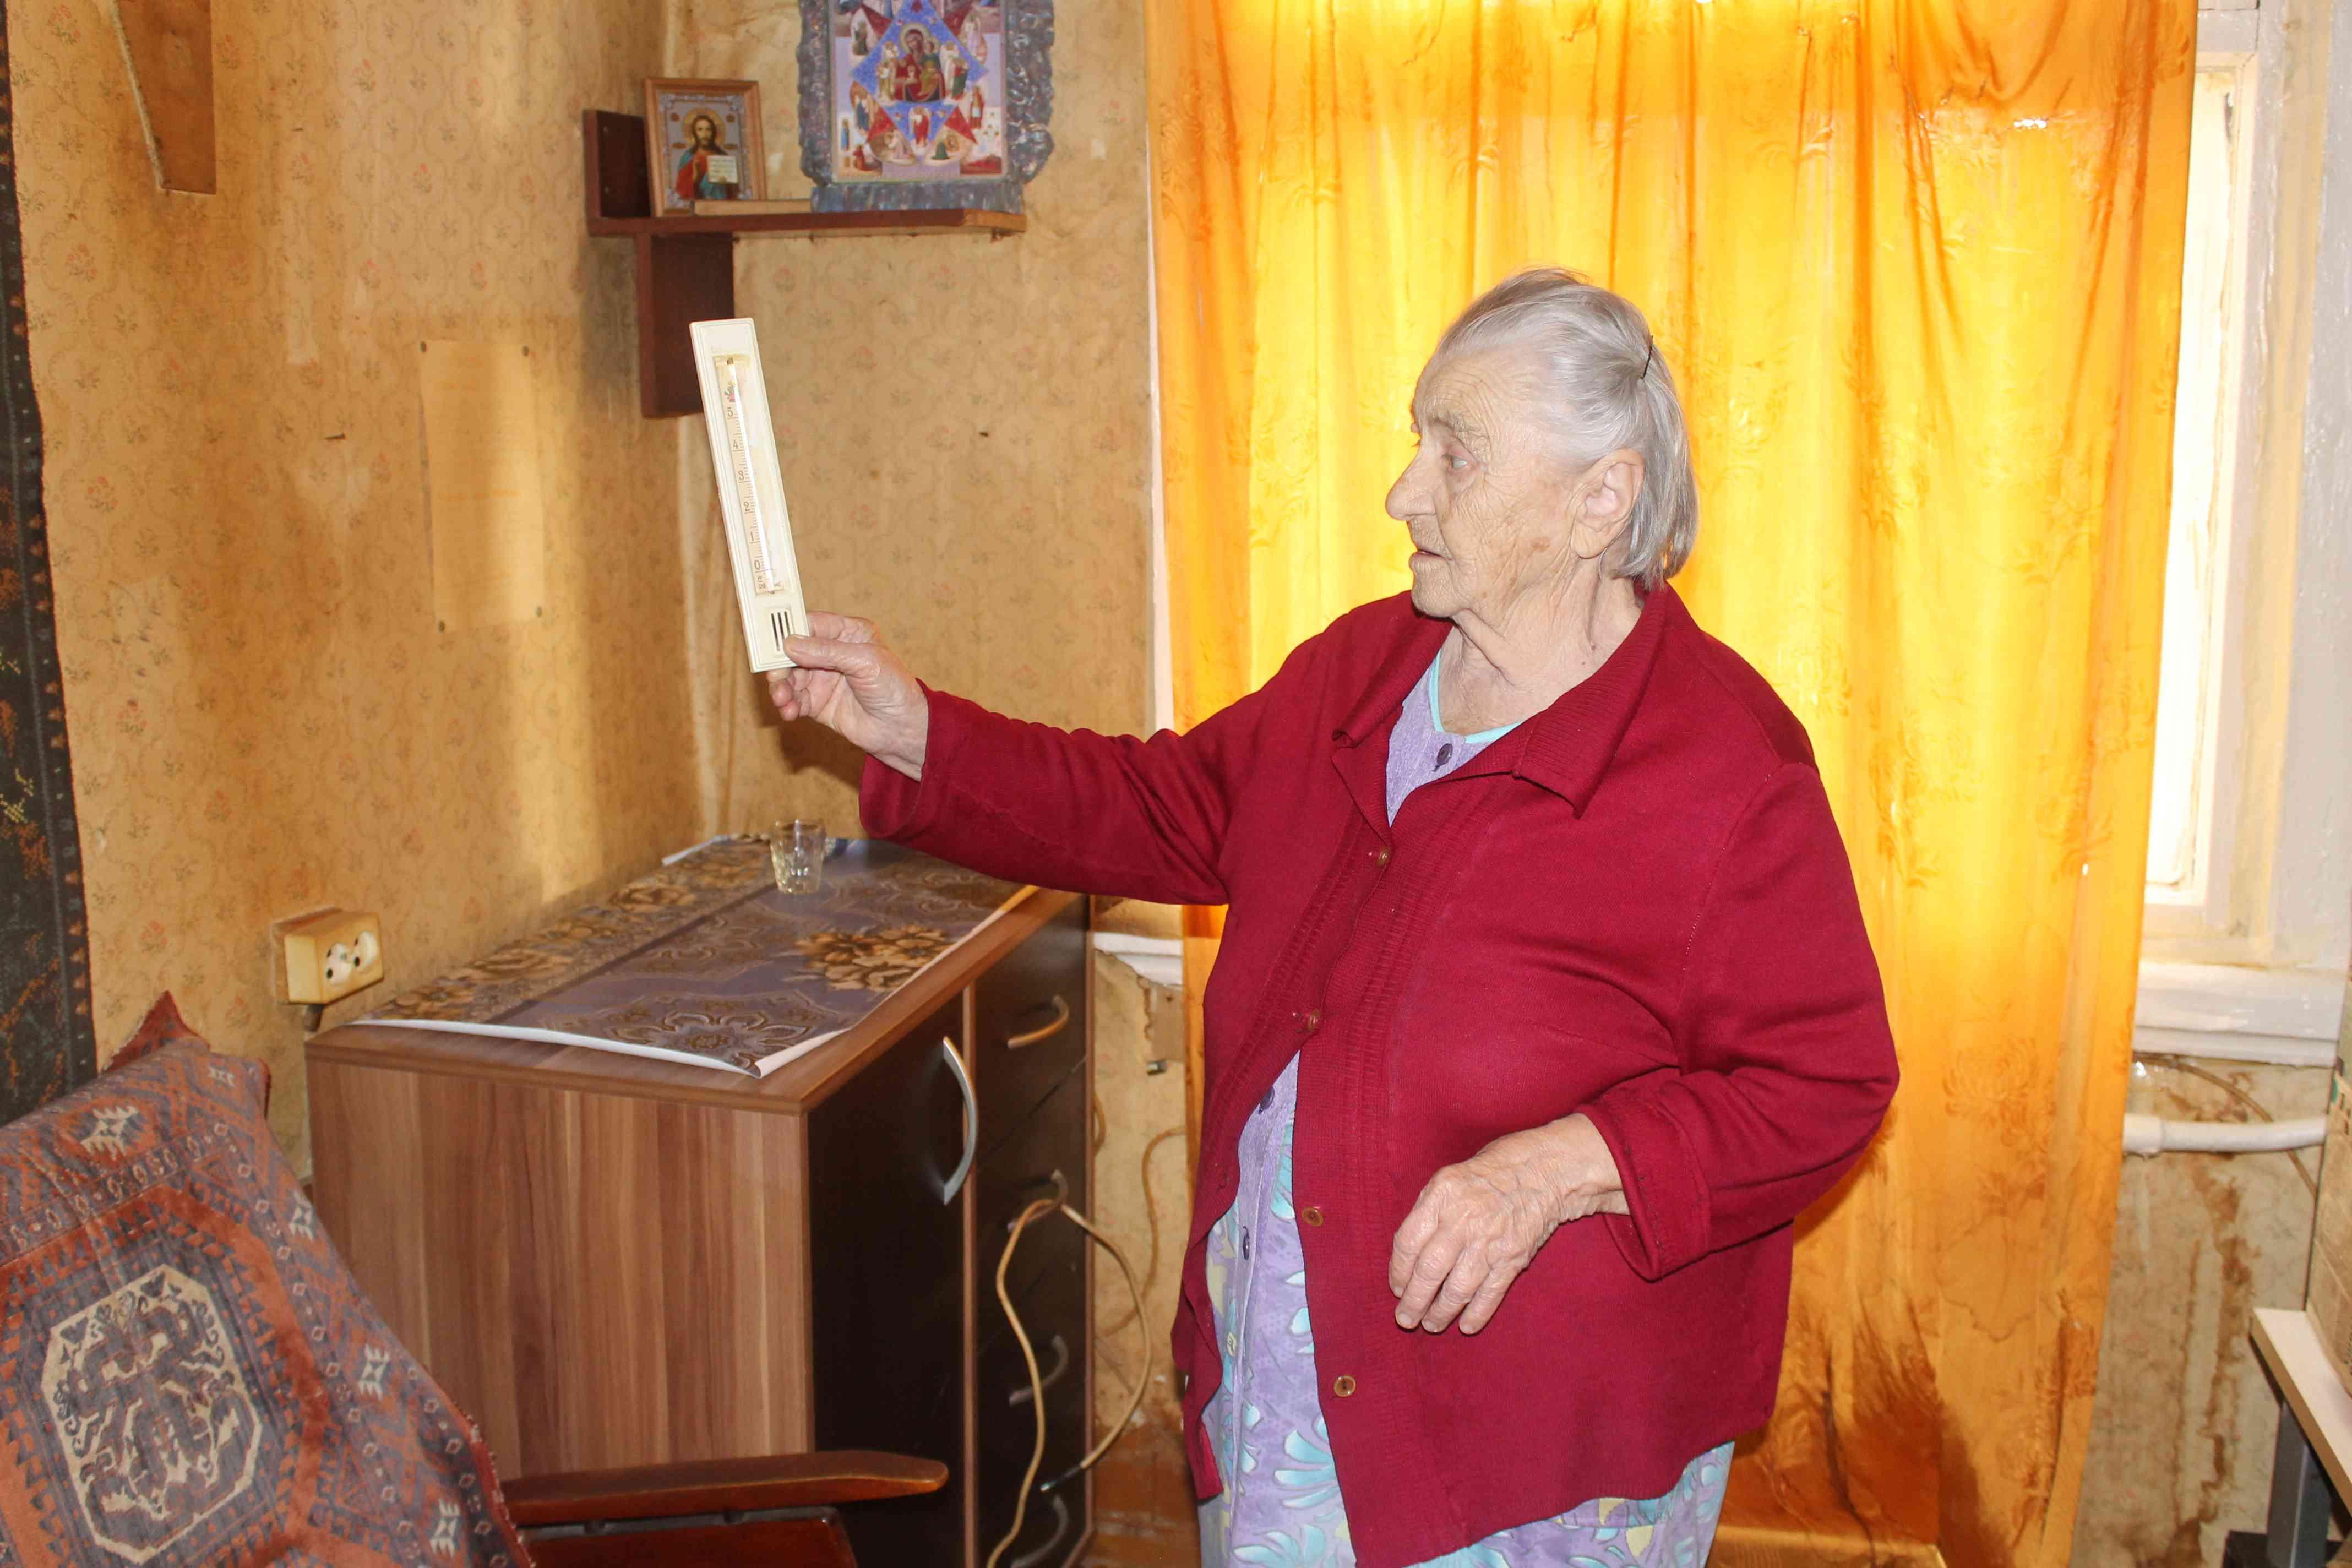 Из-за нового манежа в Вересниках «остывают» два дома по соседству